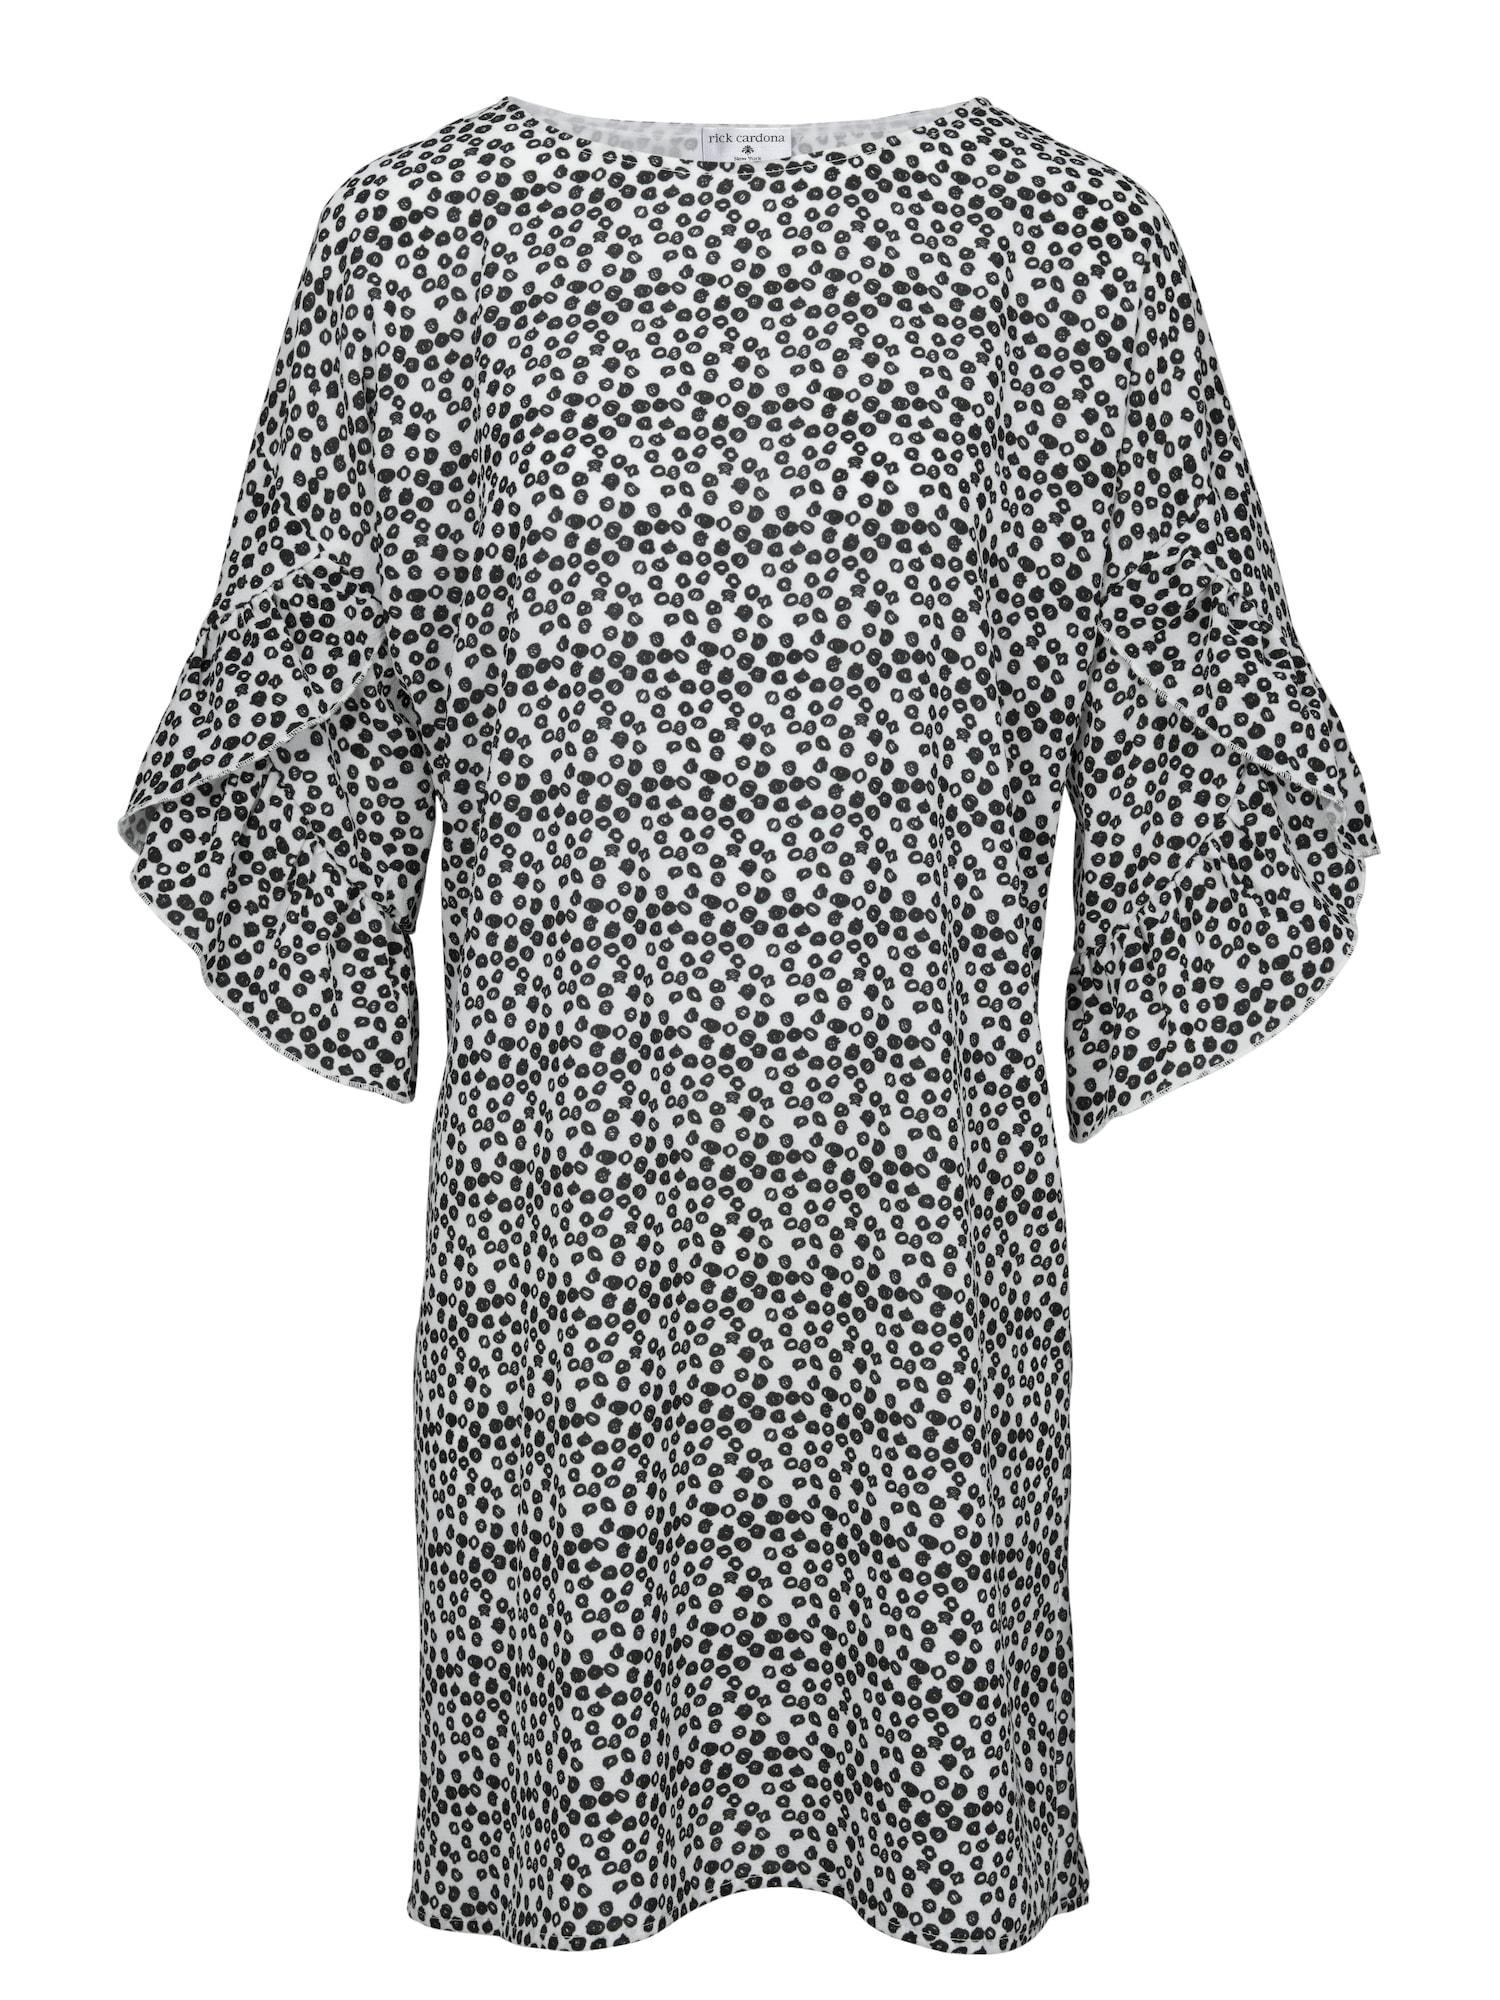 Druckkleid | Bekleidung > Kleider > Druckkleider | Schwarz - Weiß | heine